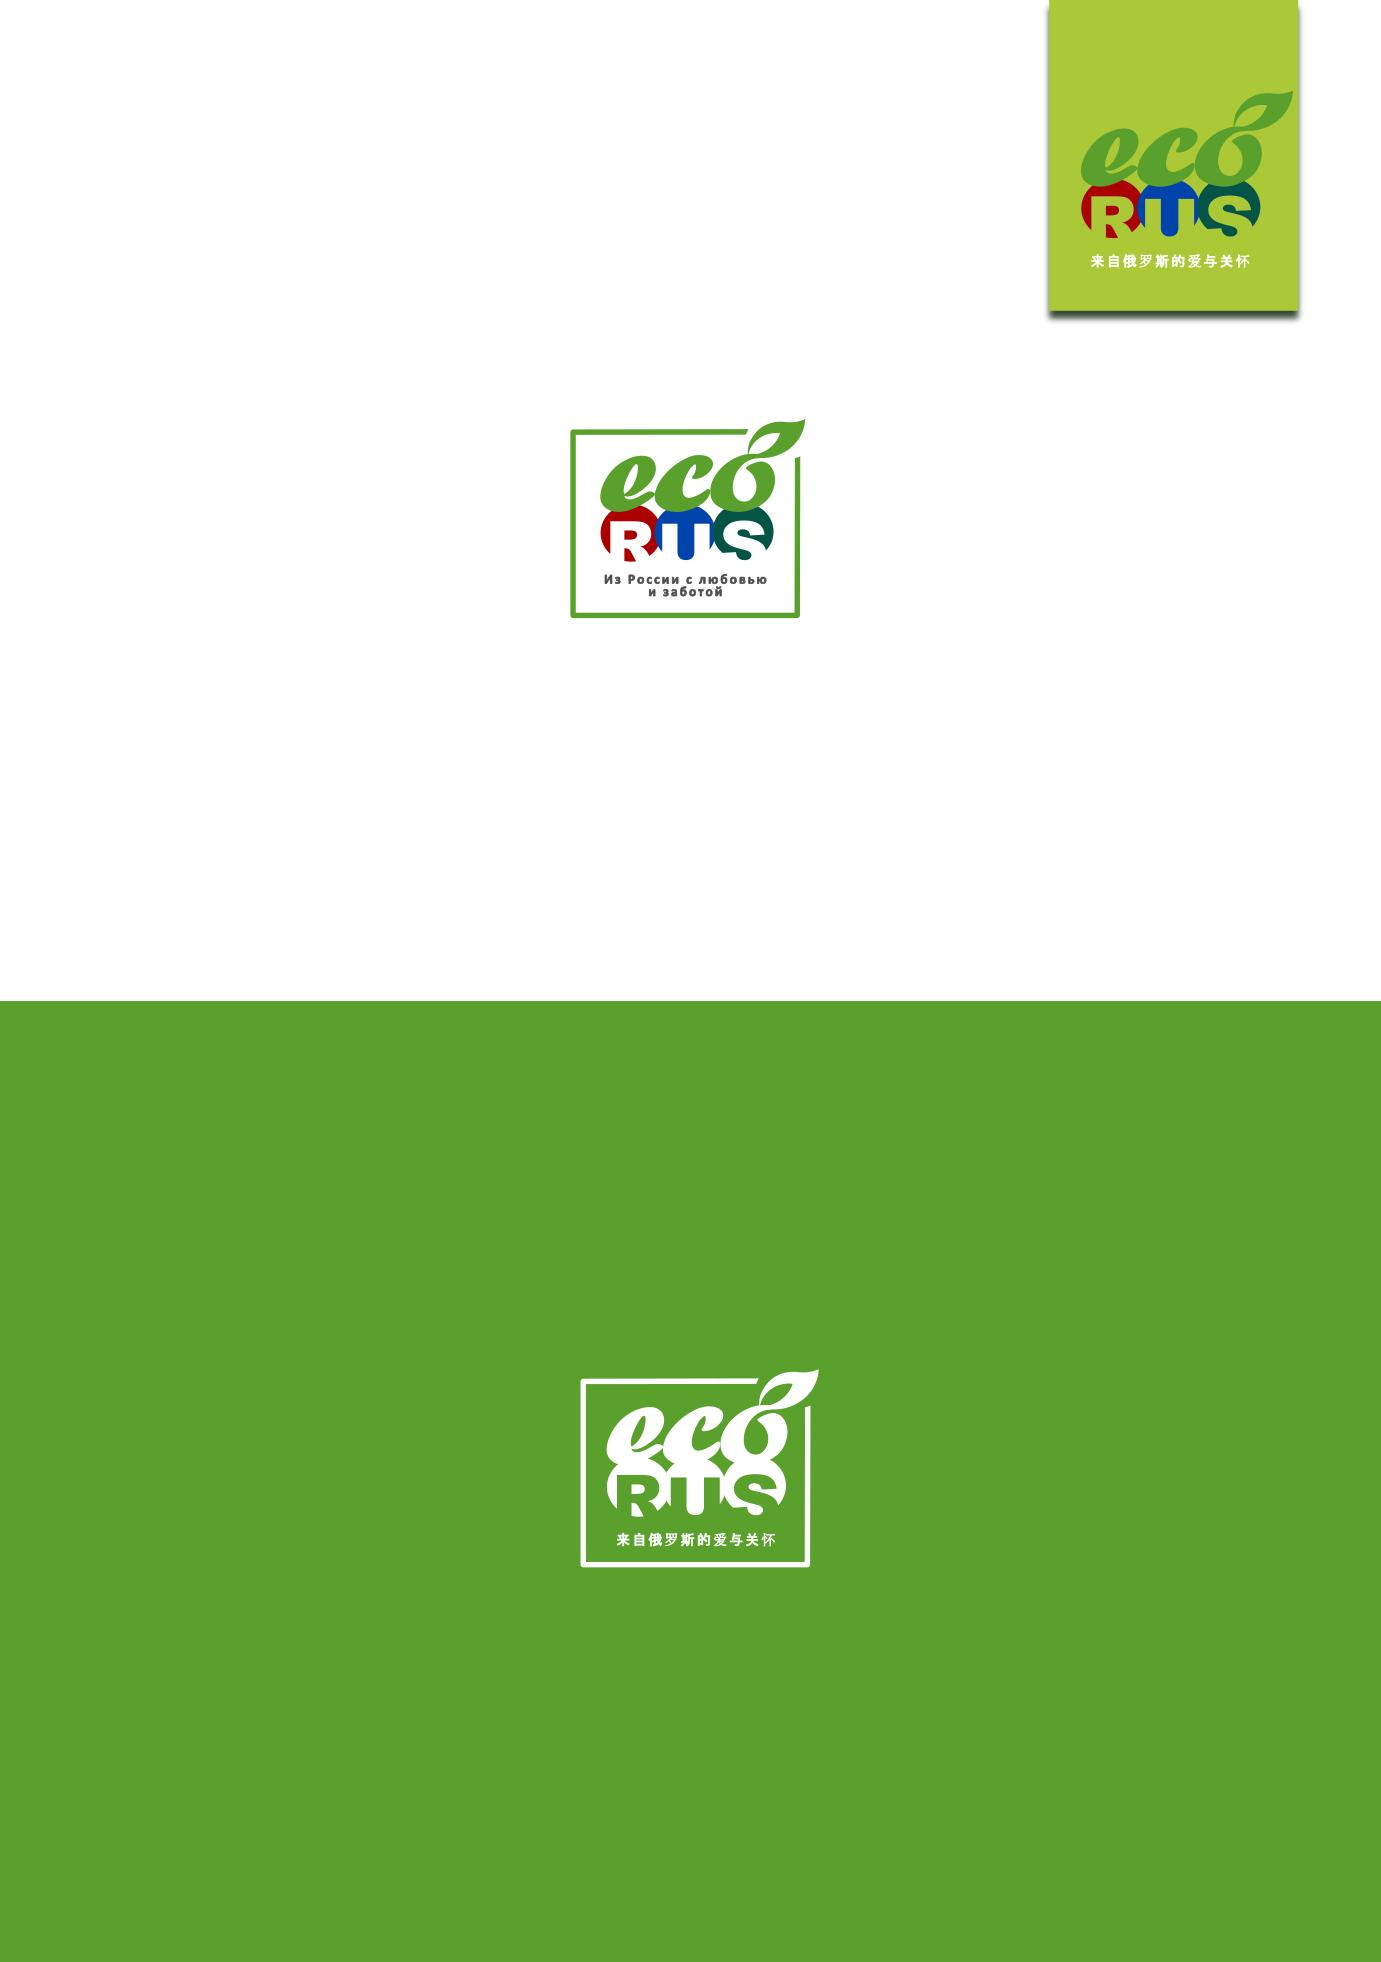 Логотип для поставщика продуктов питания из России в Китай фото f_7515ea7ef43e751b.jpg